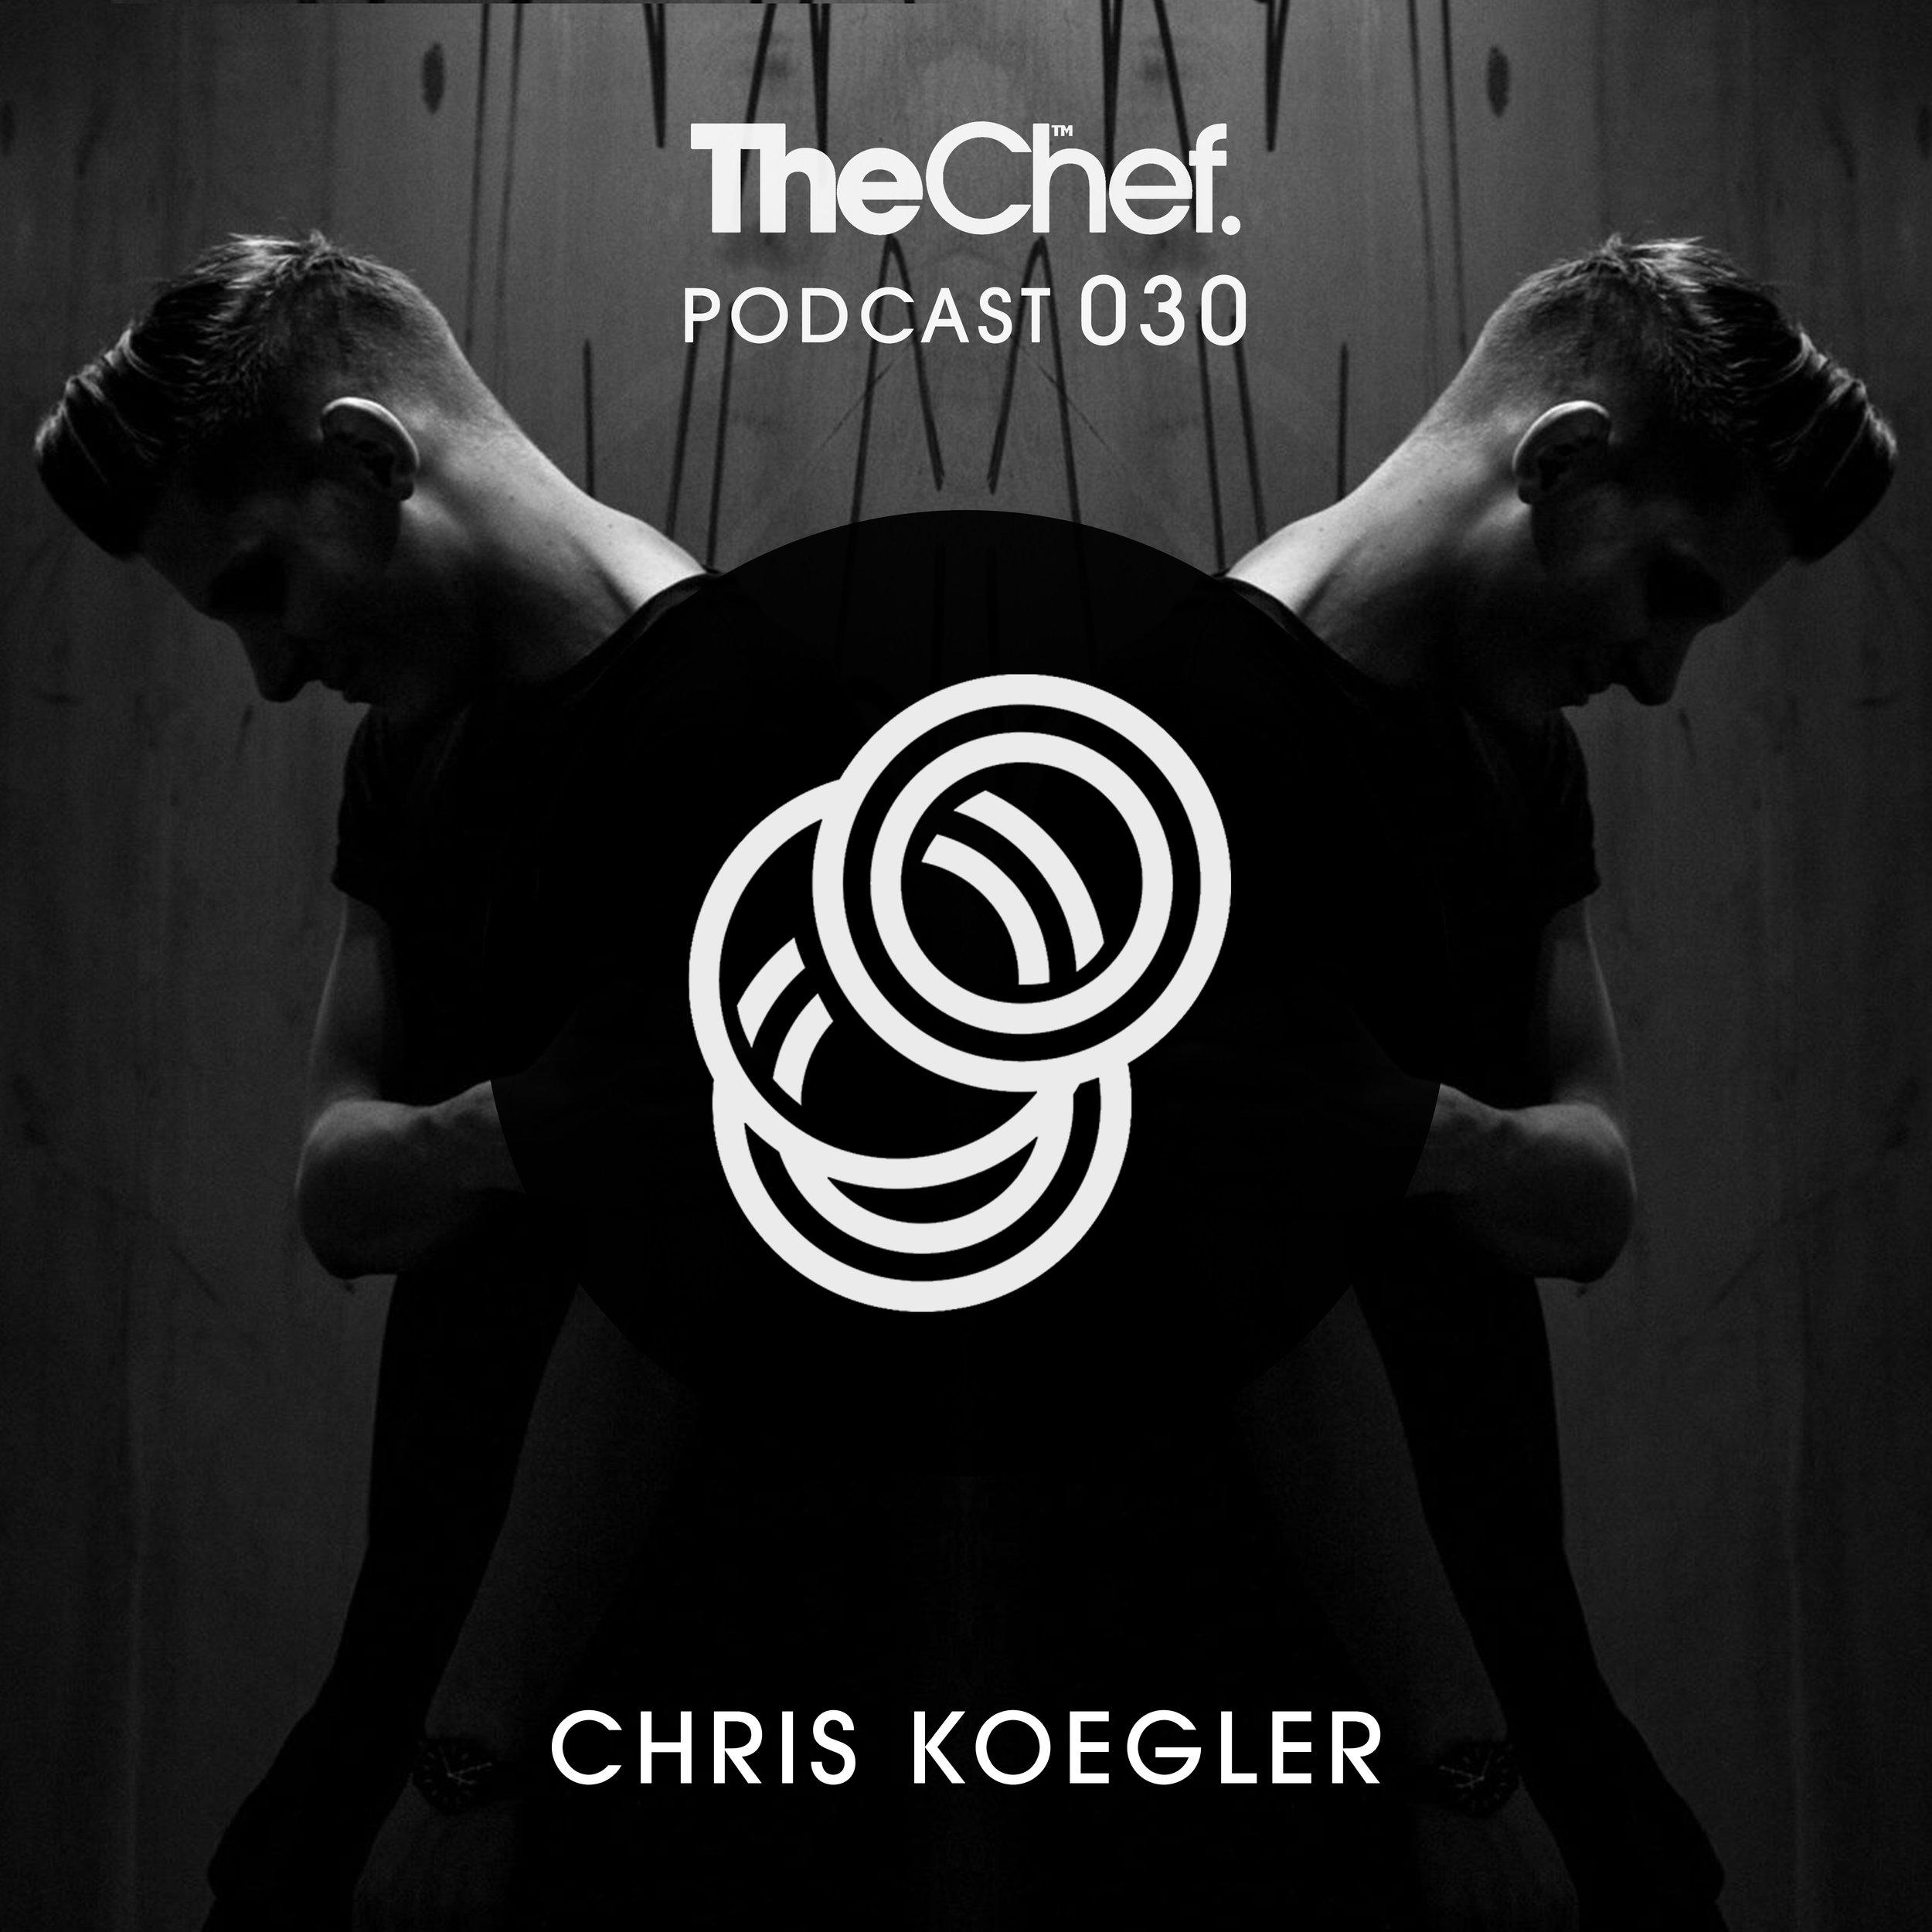 Chris Koegler